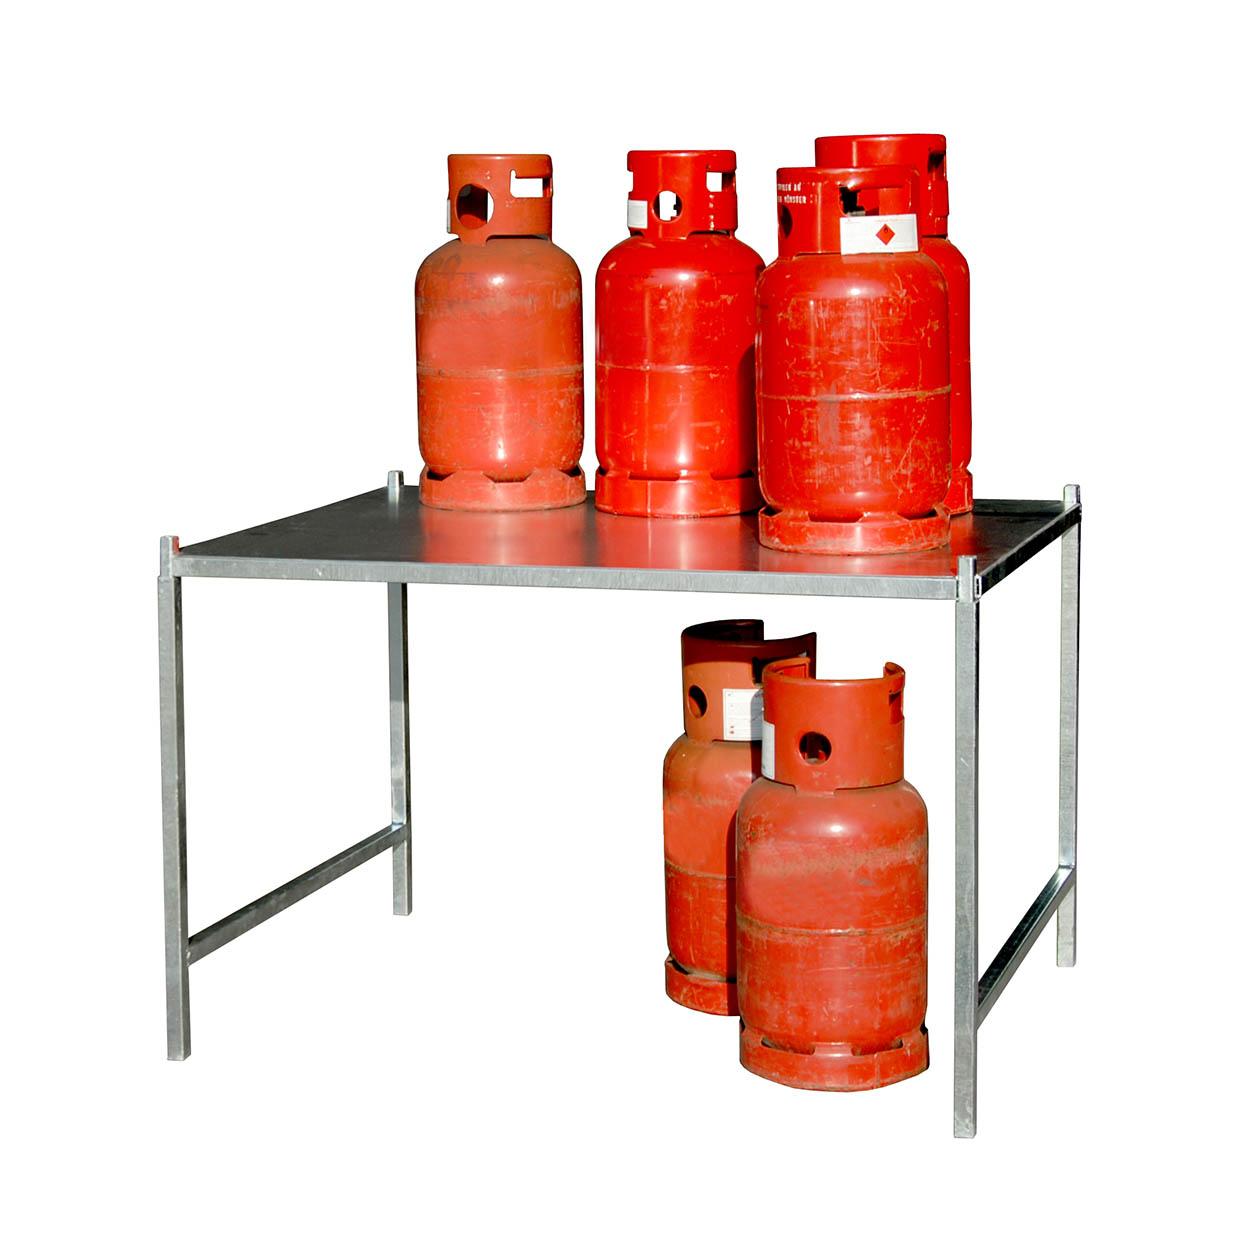 Regál pre klietky pre skladovanie tlakových fliaš